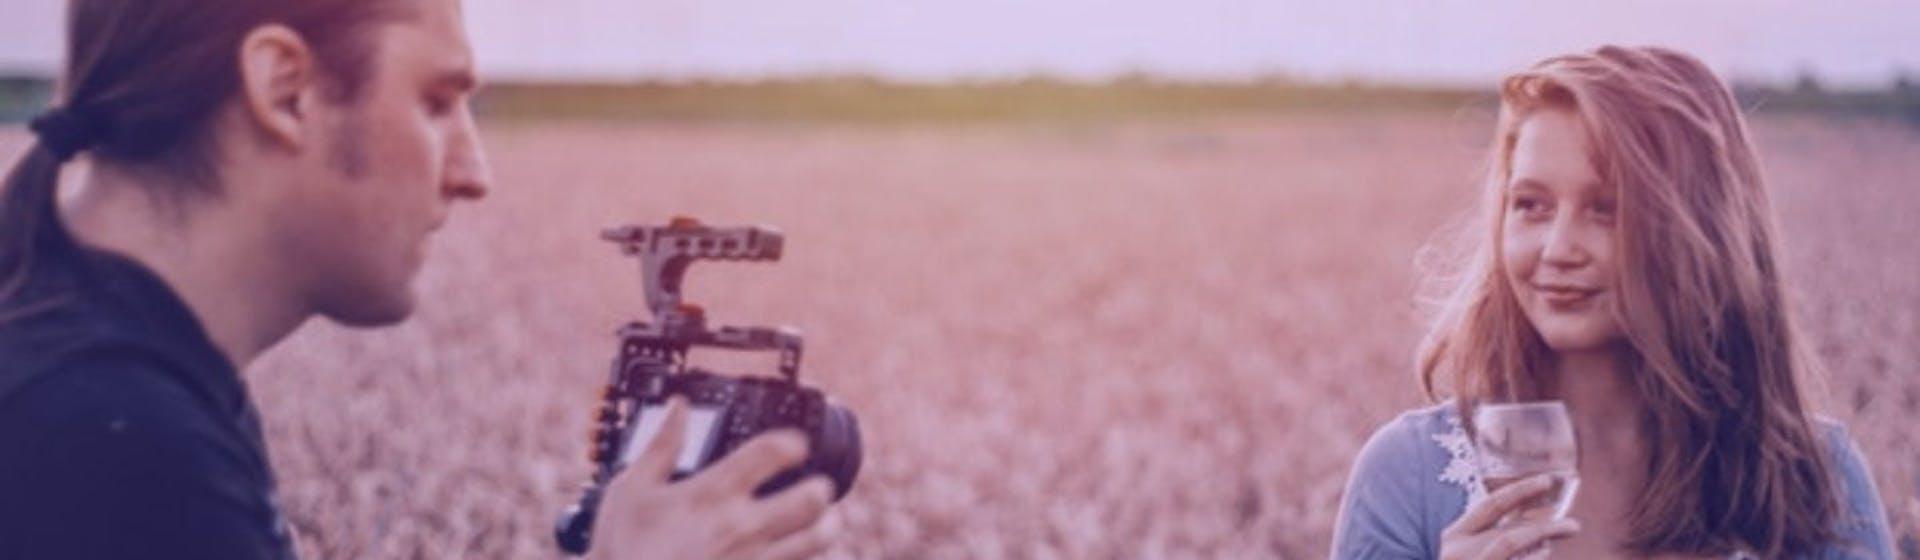 Fotografía de retratos: cómo capturar la esencia y autenticidad del alma en un clic